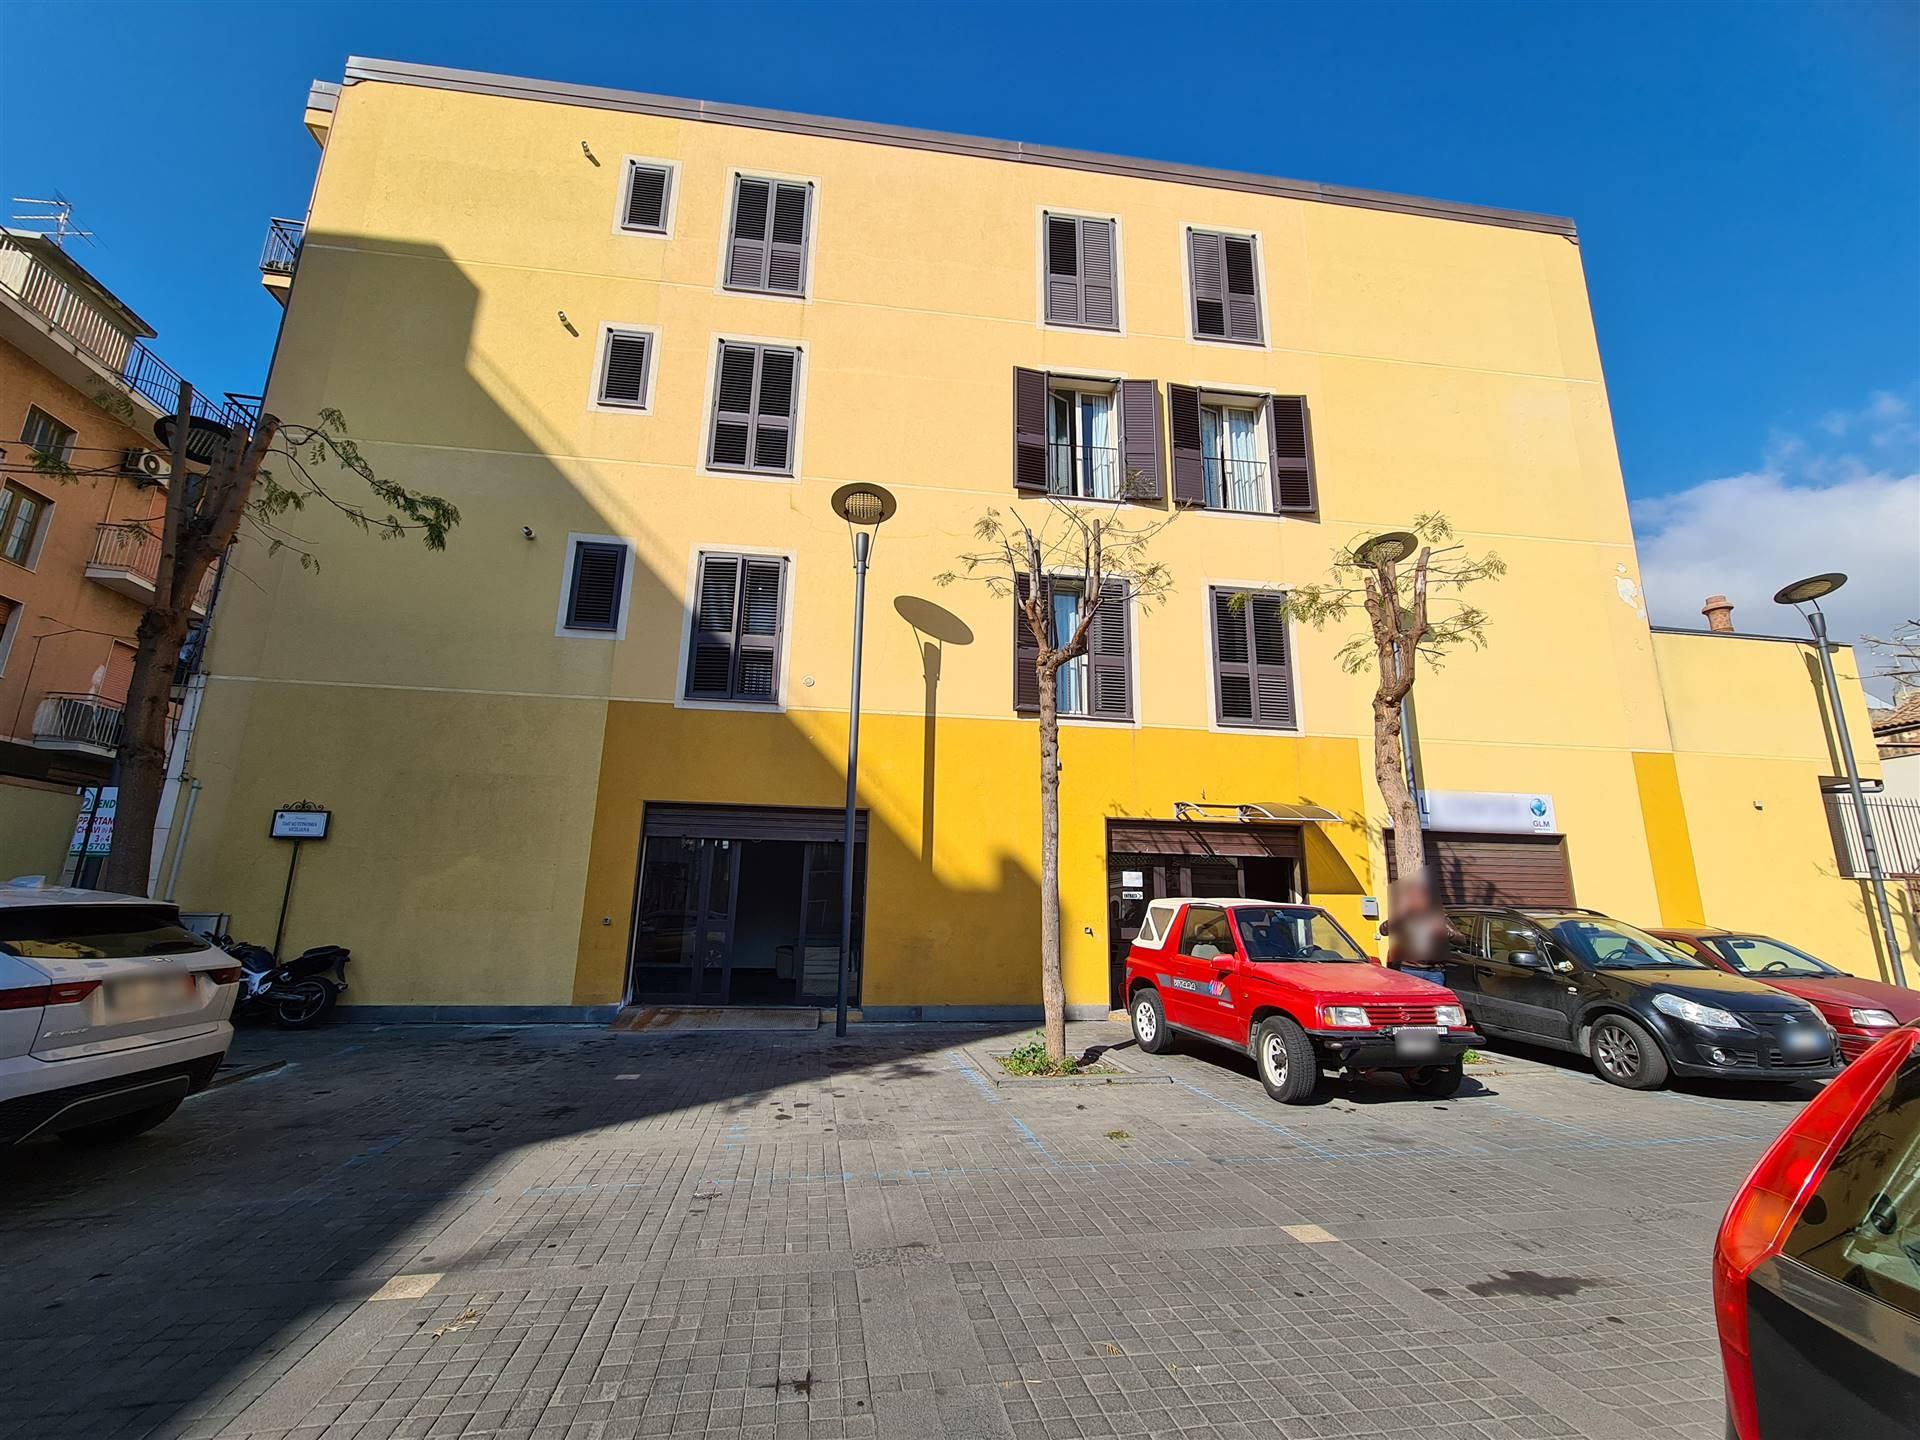 Negozio / Locale in affitto a Misterbianco, 9999 locali, prezzo € 1.000 | CambioCasa.it